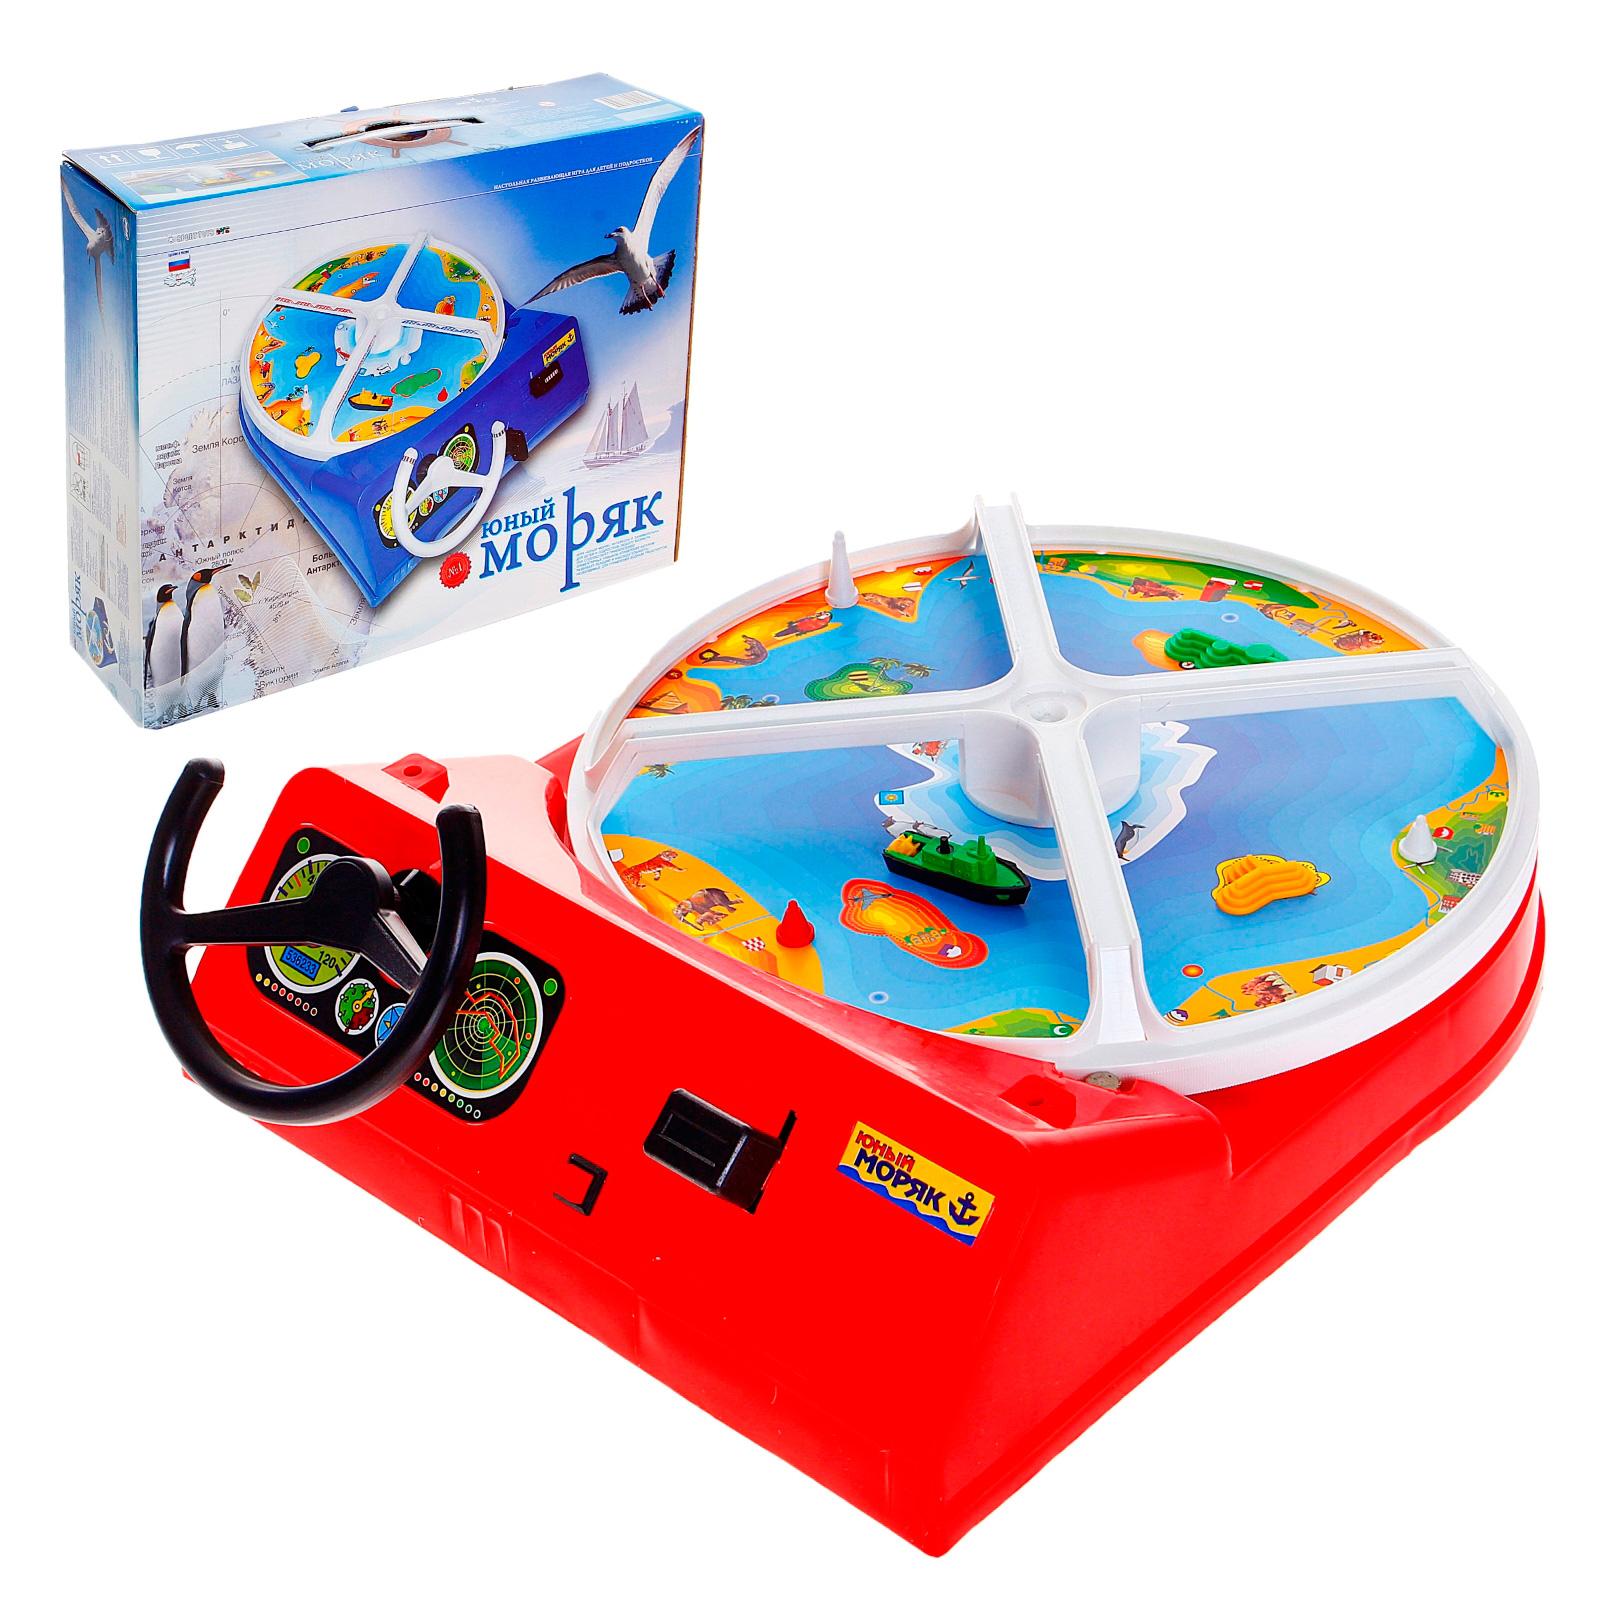 Настольная игра – Юный морякАвтотренажеры, наборы для вождения<br>Настольная игра – Юный моряк<br>